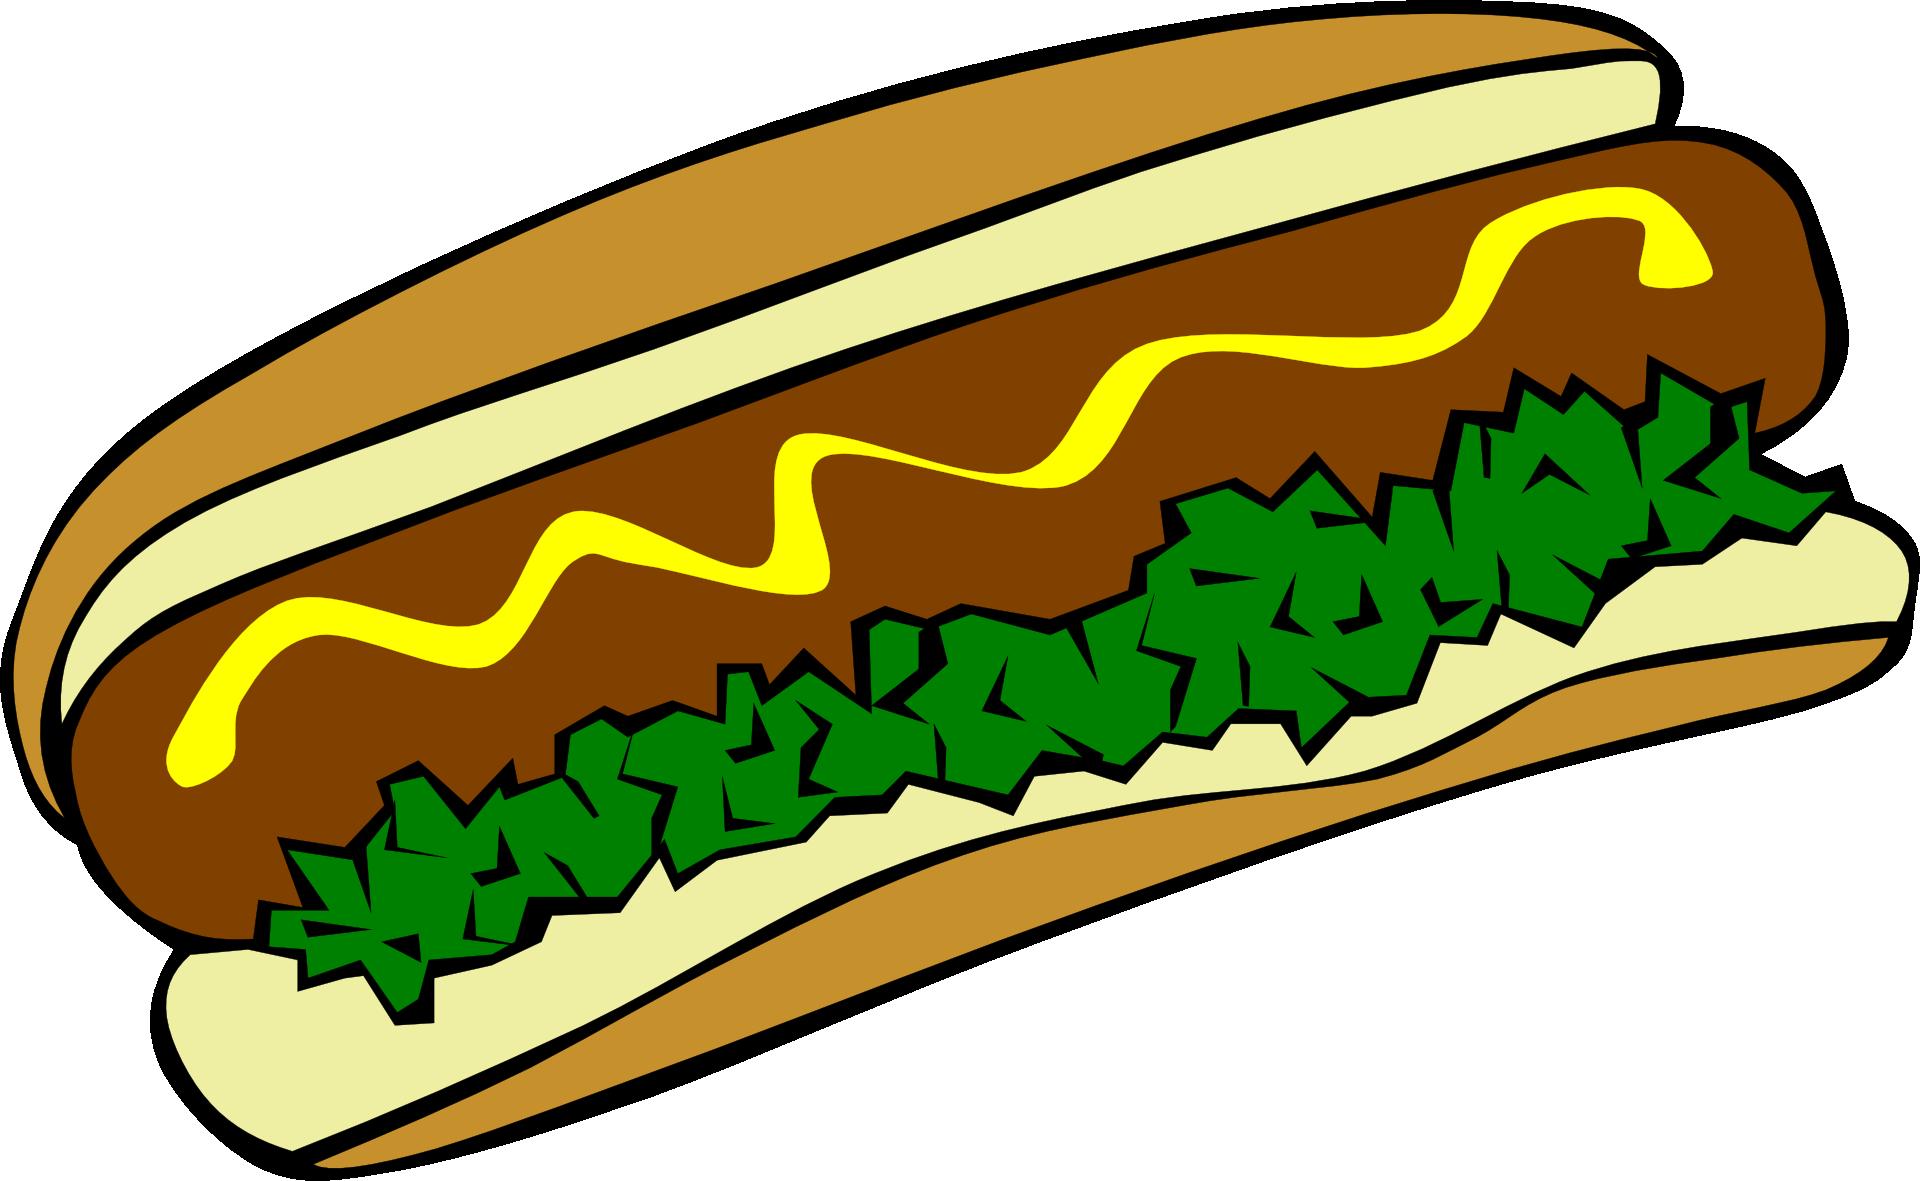 Grilling clipart grillclip. Hot dog hamburger fast